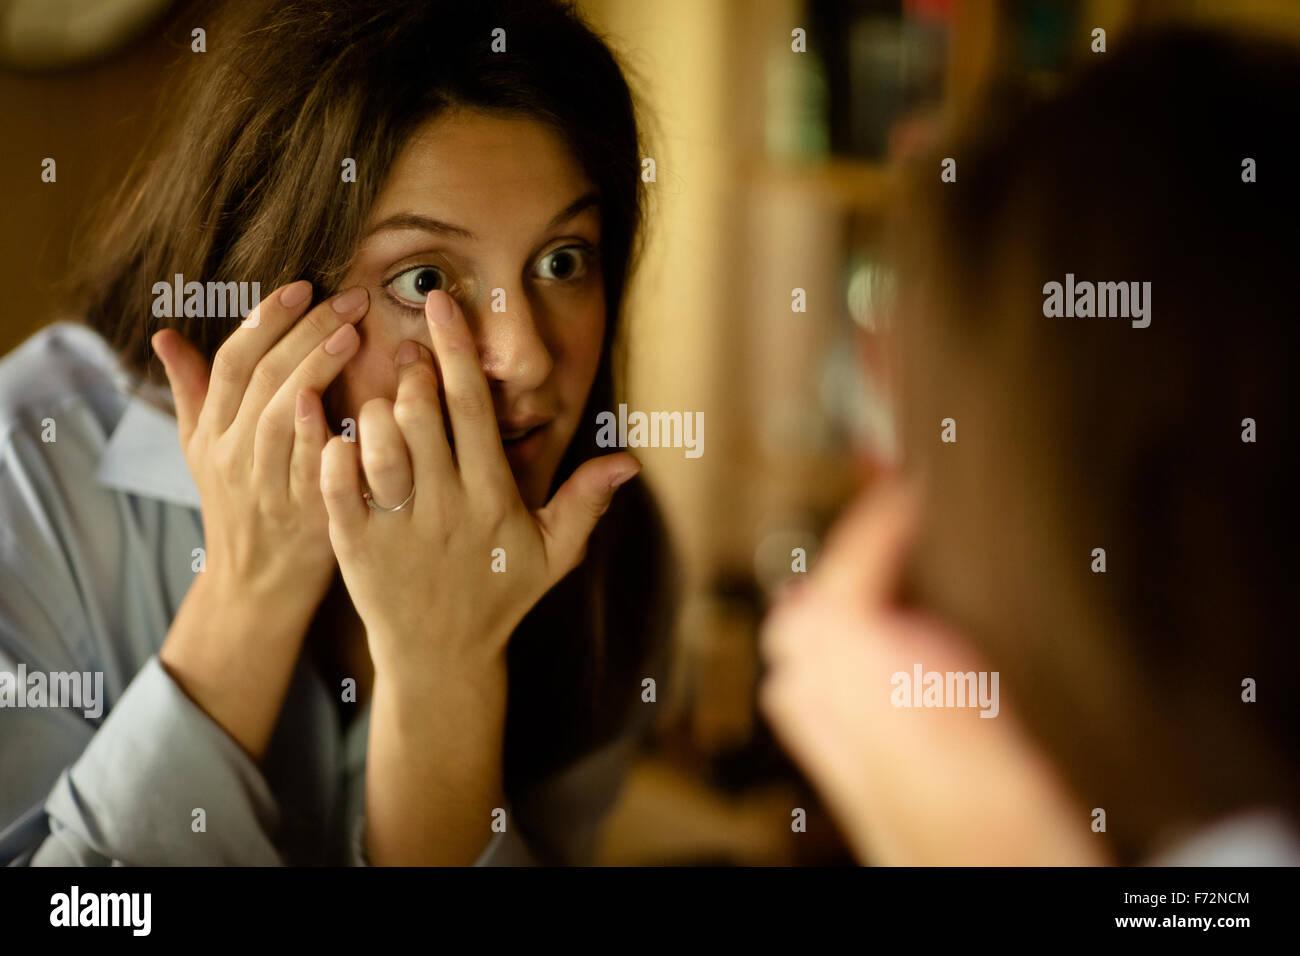 Contact Lens Woman Mirror Stock Photos Contact Lens Woman Mirror